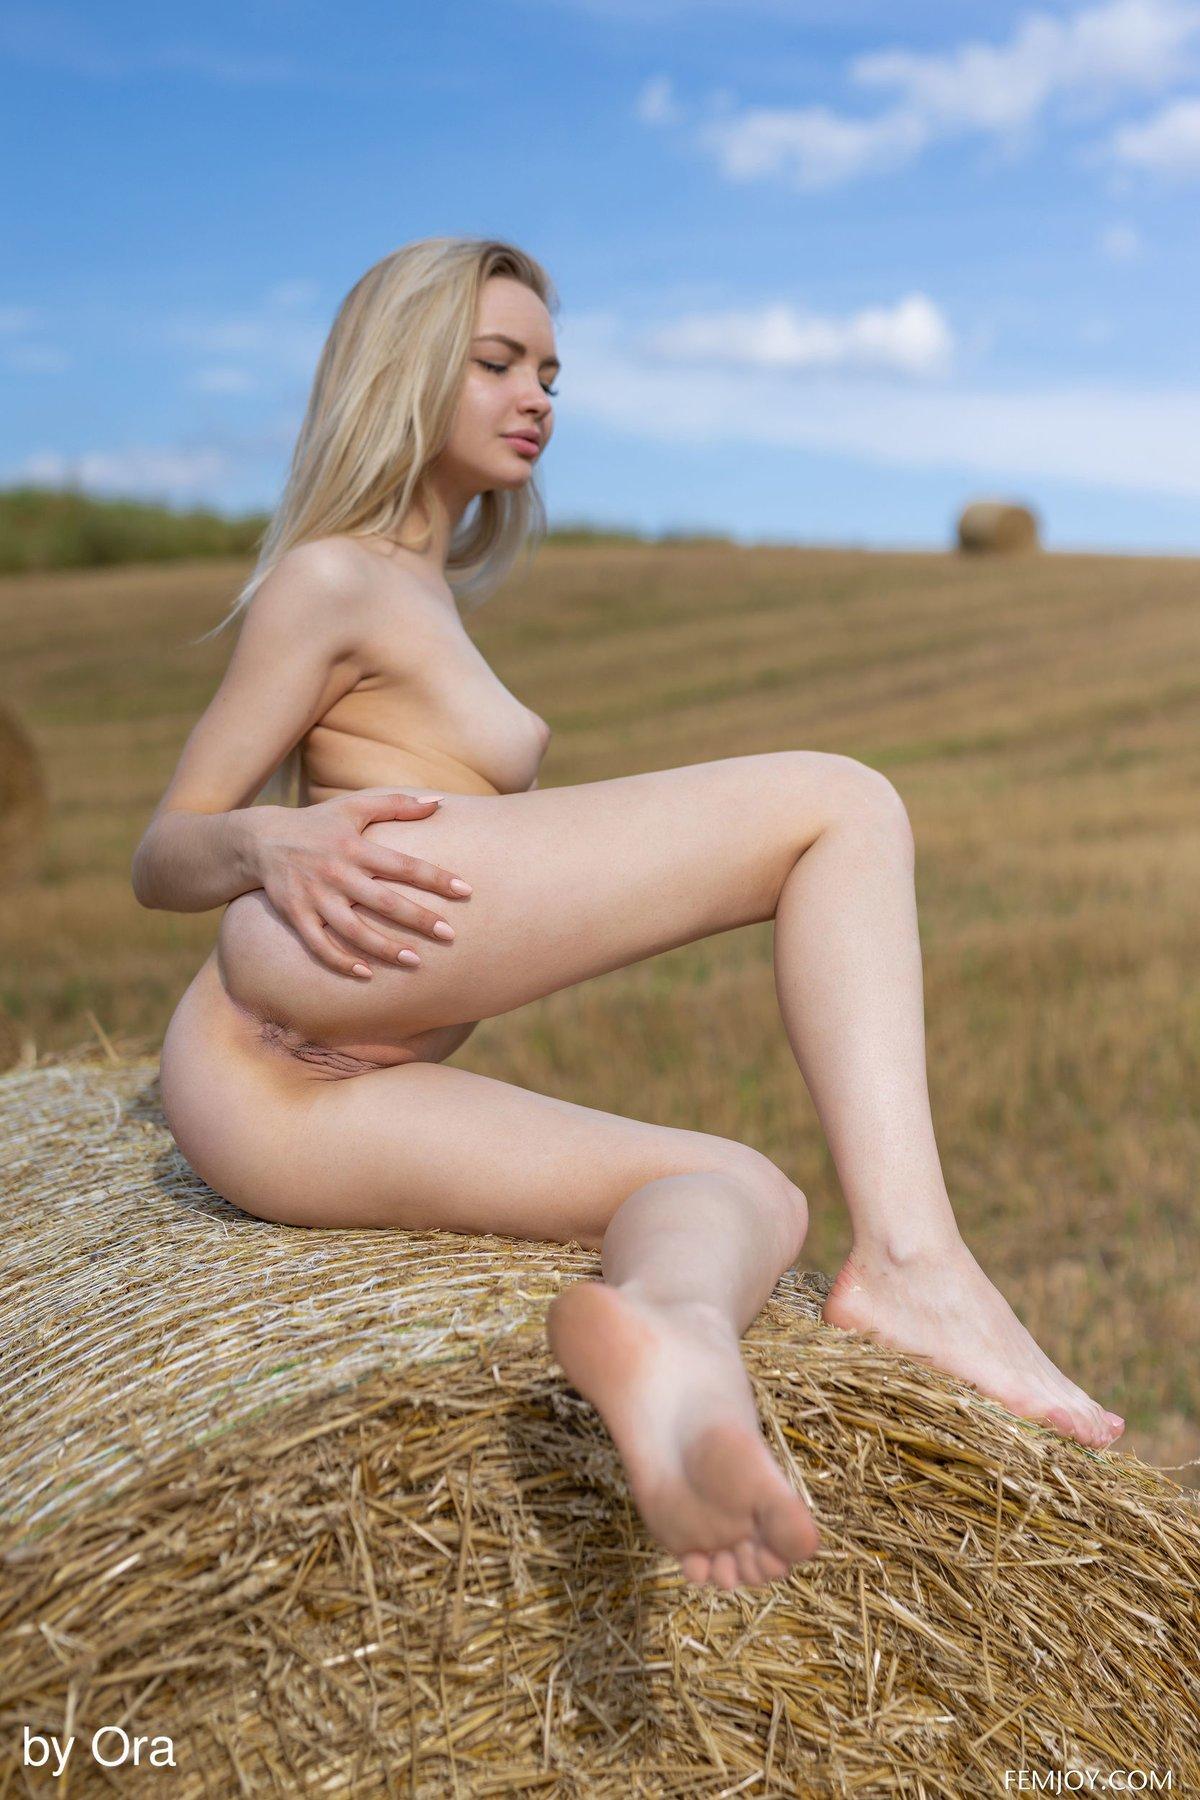 Деревенская красавица разлеглась голой на сене